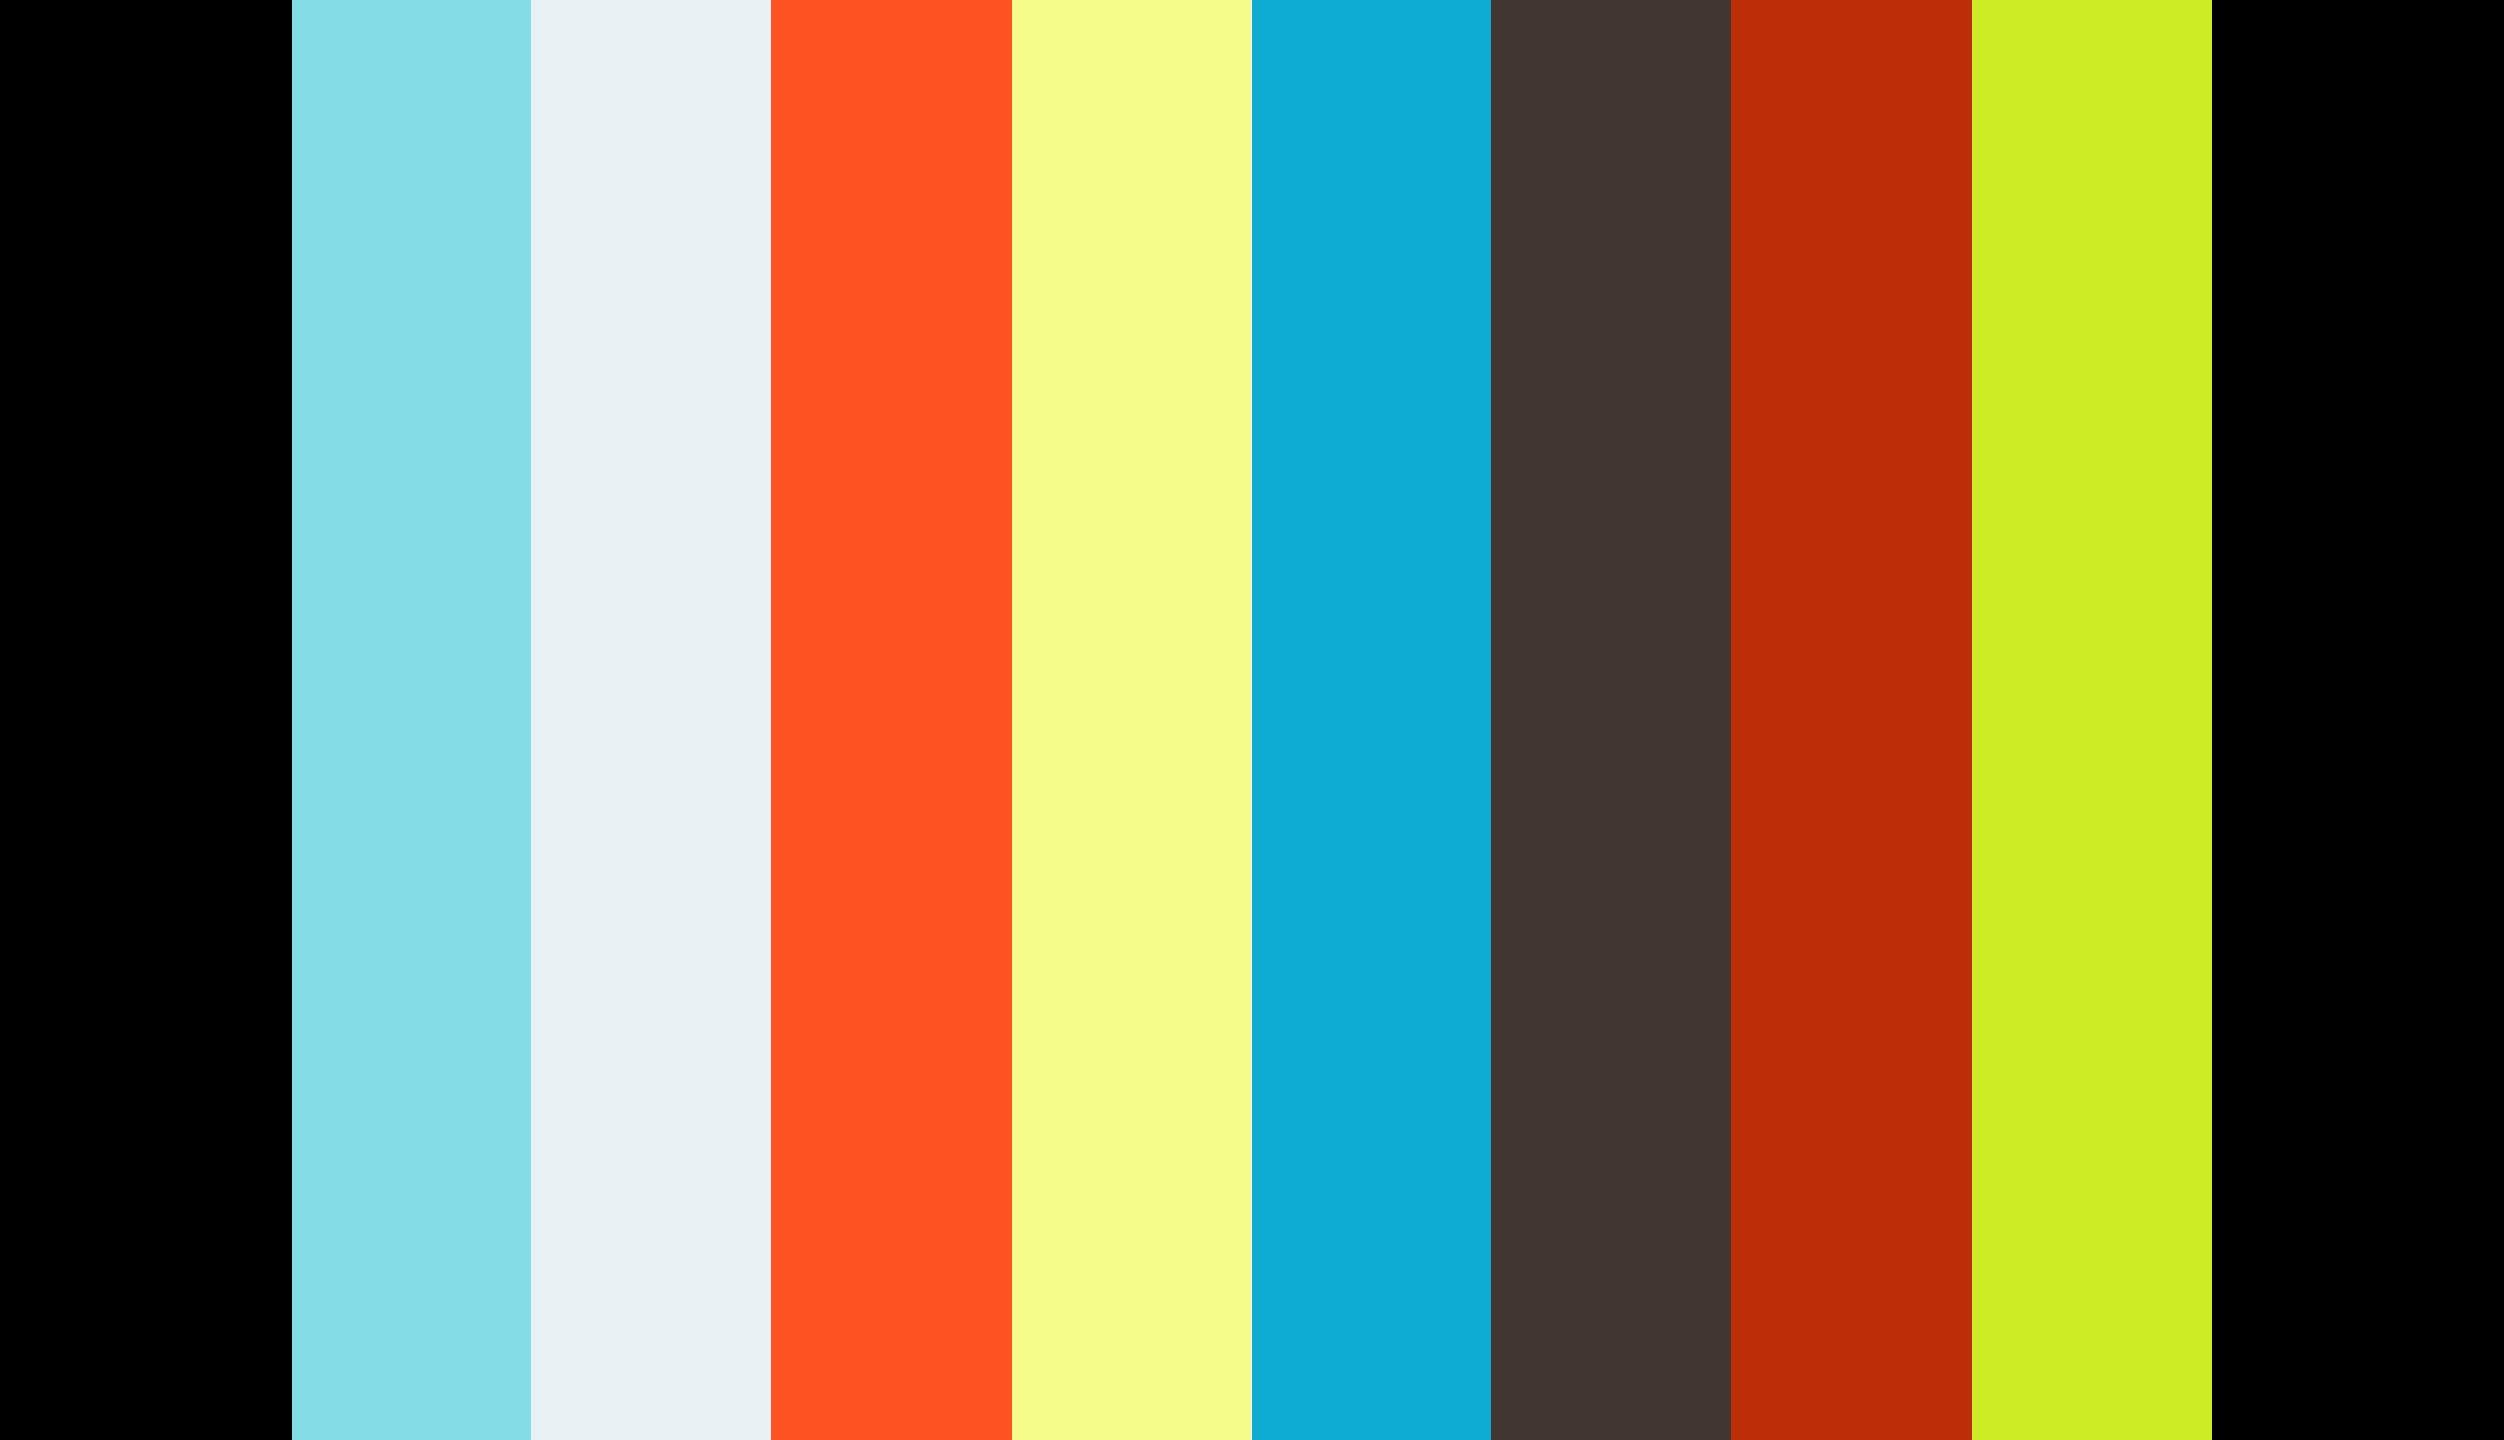 2021_07_05 - Brad - Scoop 1k Series Part 10 of 10